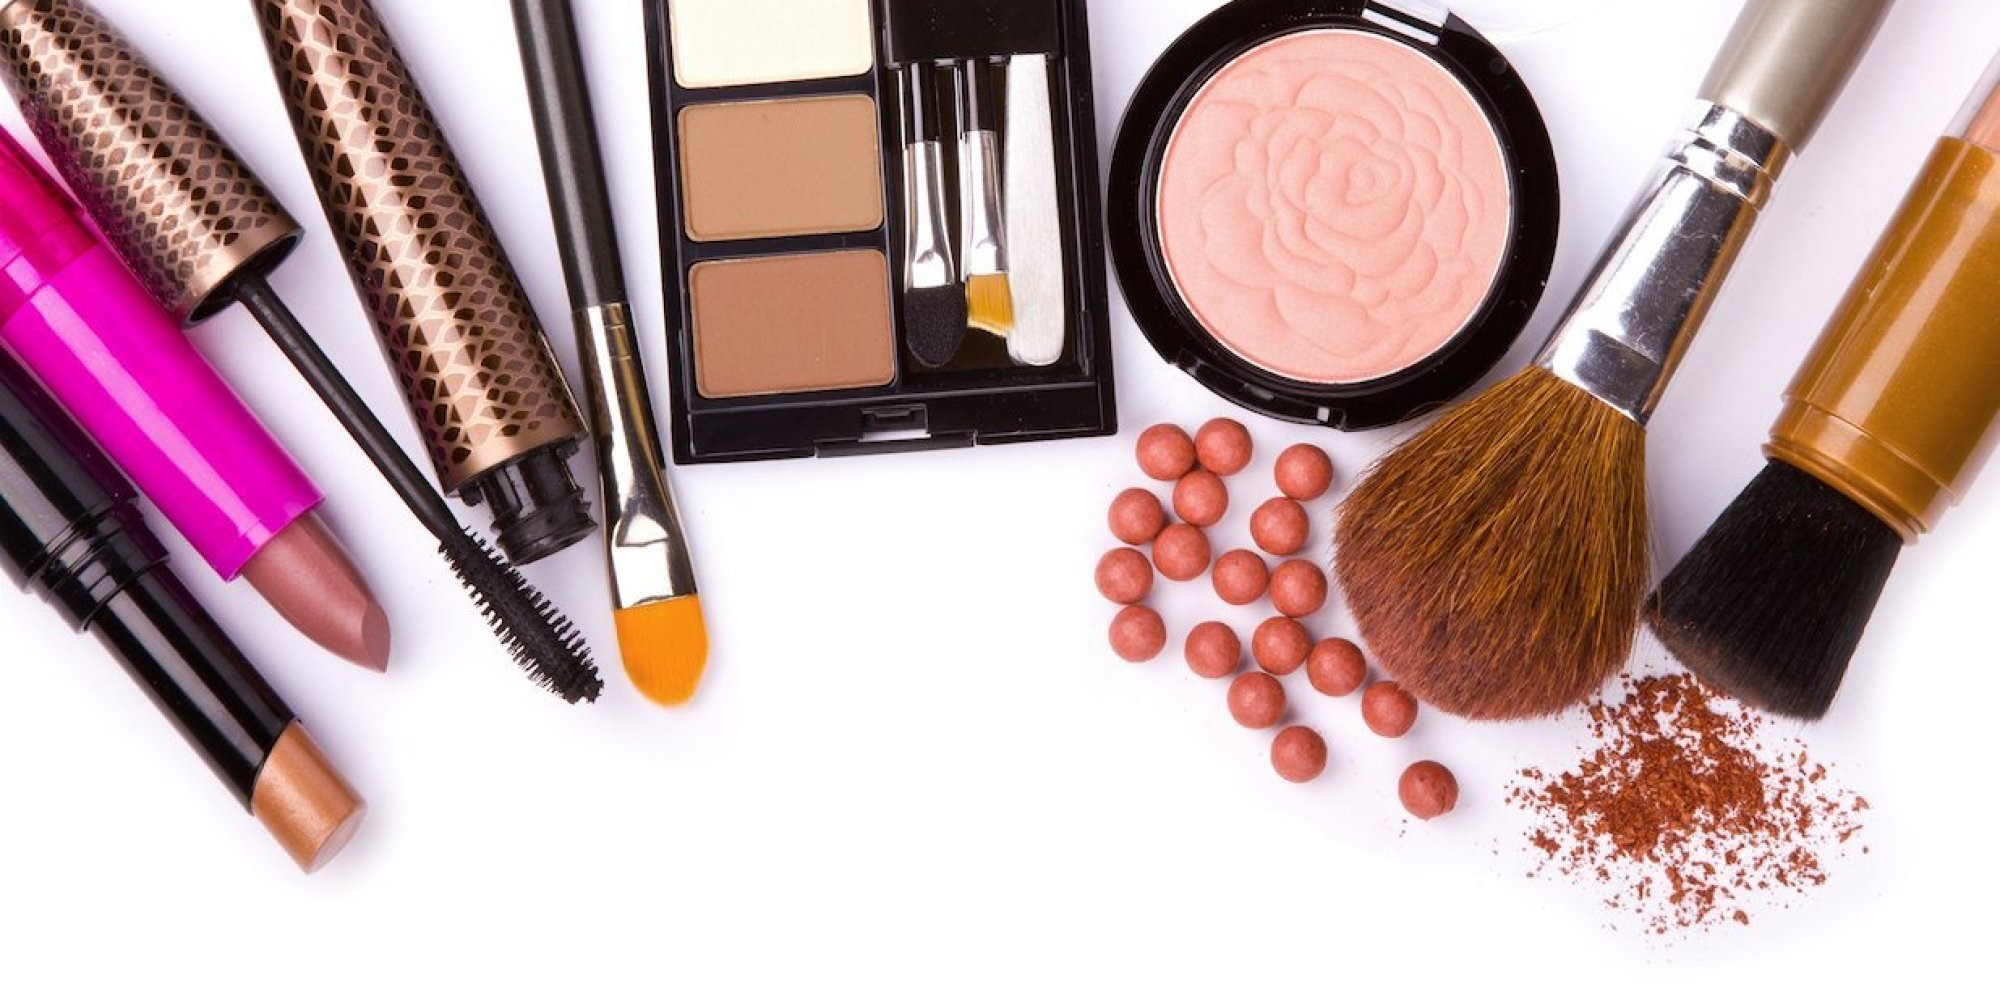 آرایش تمیز و ترفند های آرایشی _ تاثیر استفاده از پرایمر و کانسیلر در آرایش